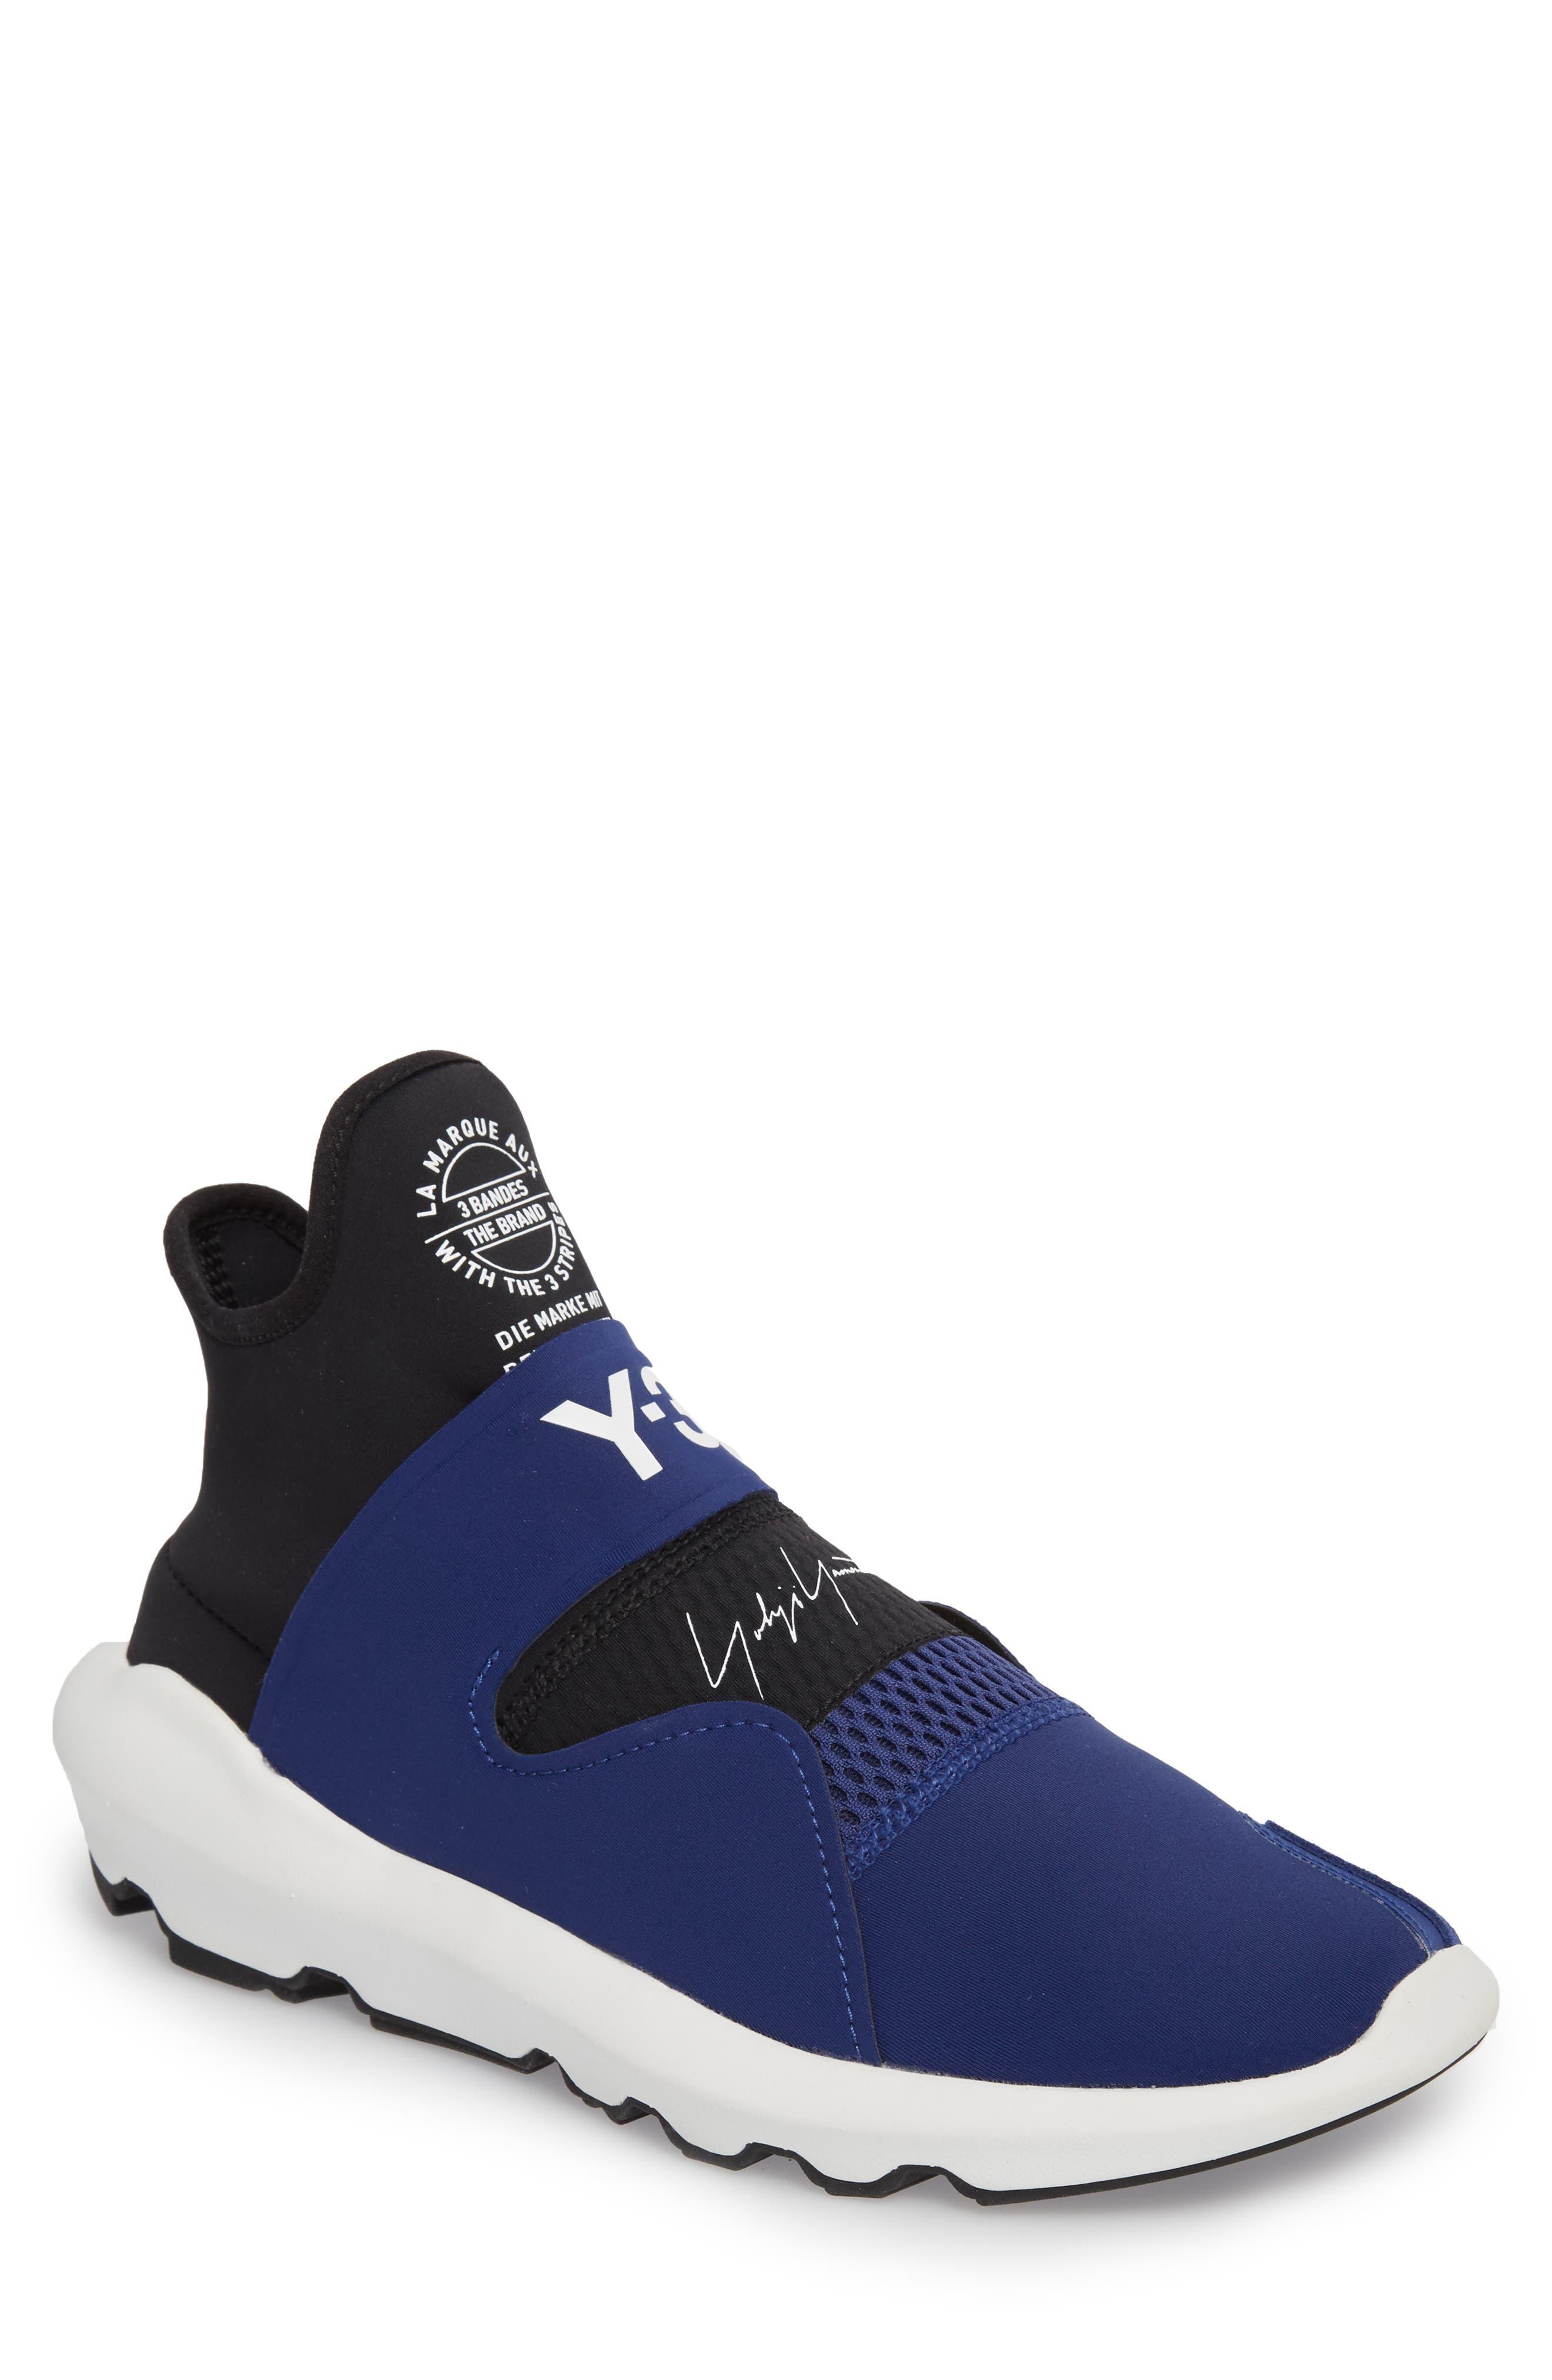 Y-3 x adidas Suberou Sneaker (Men)